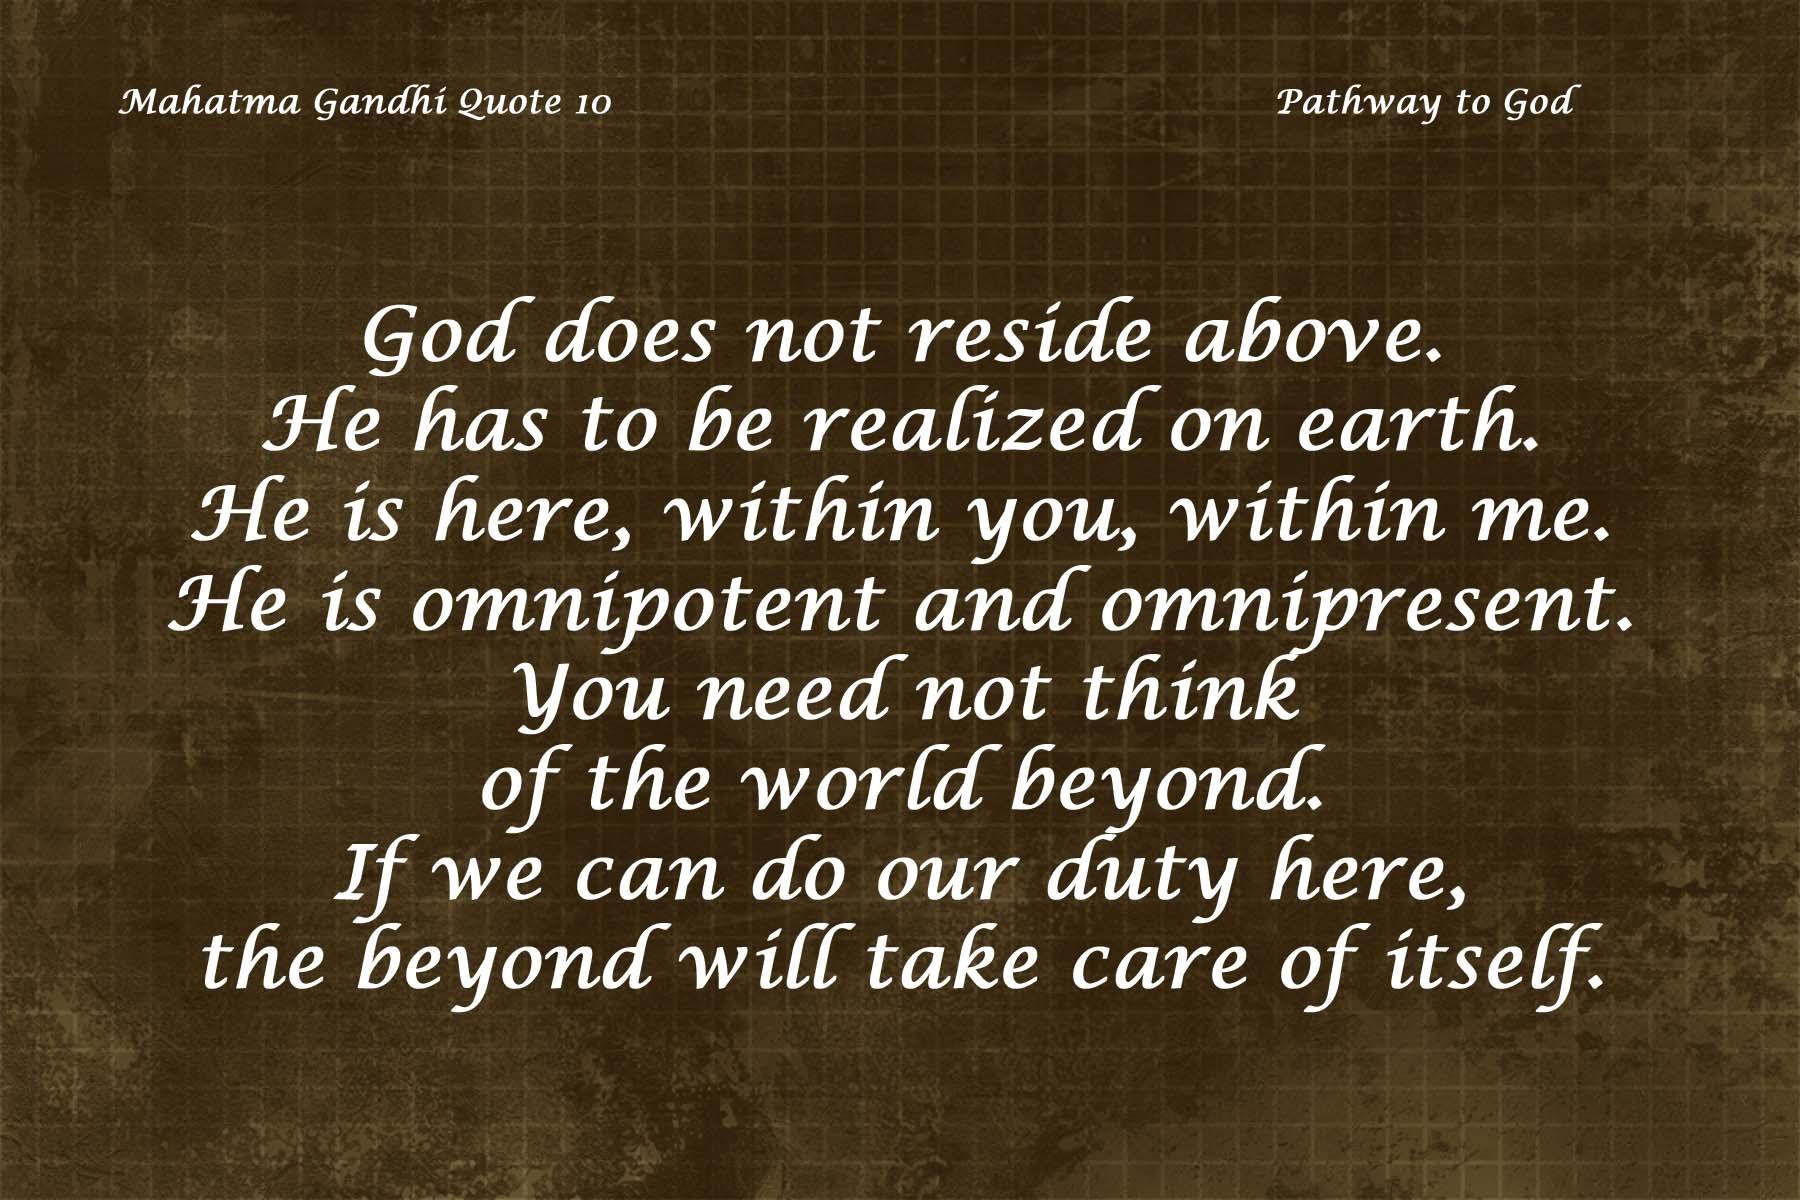 Mahatma Gandhi Quote 10